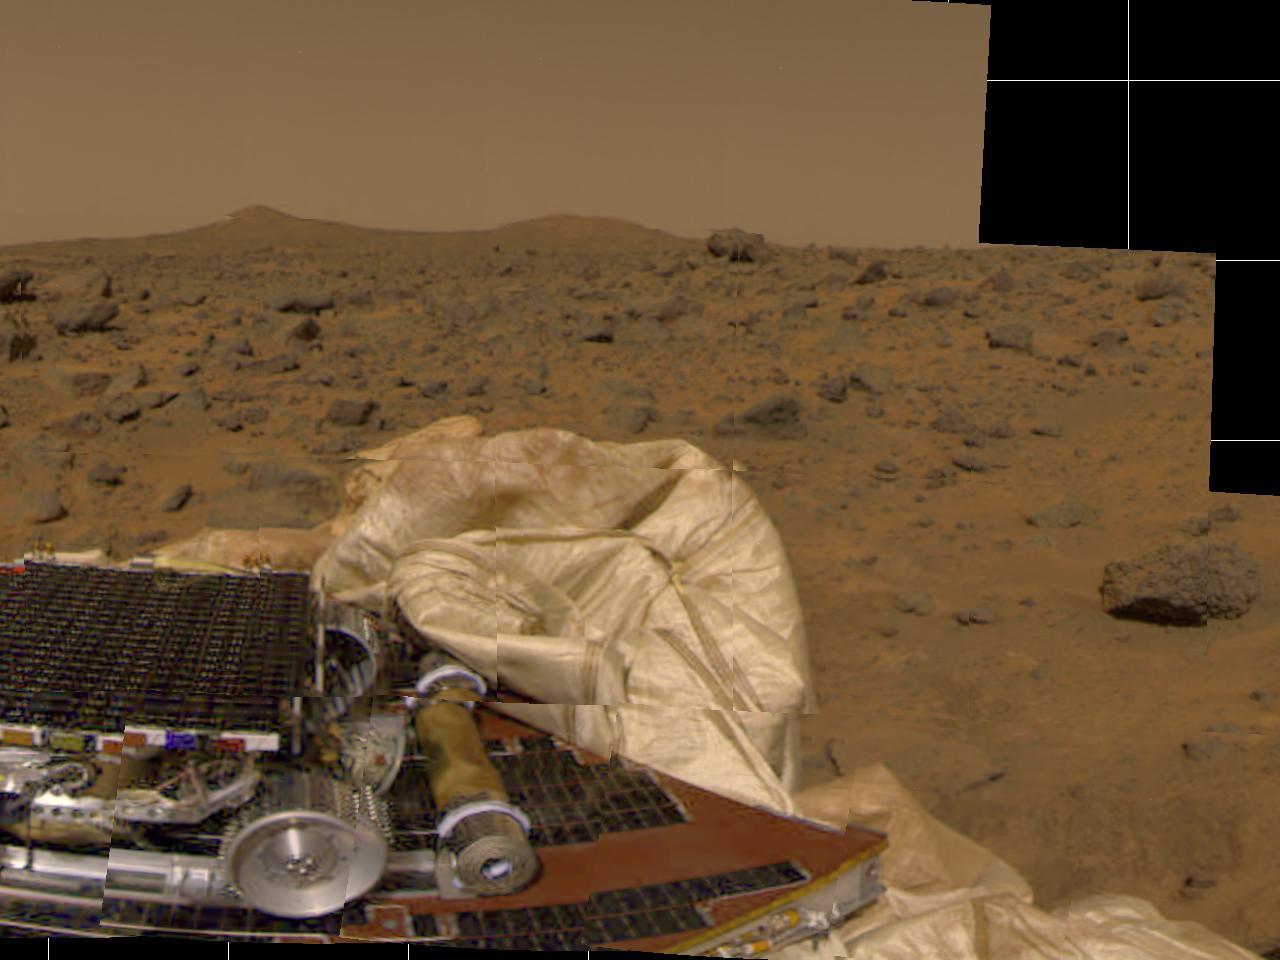 mars rover july 4 1997 - photo #3